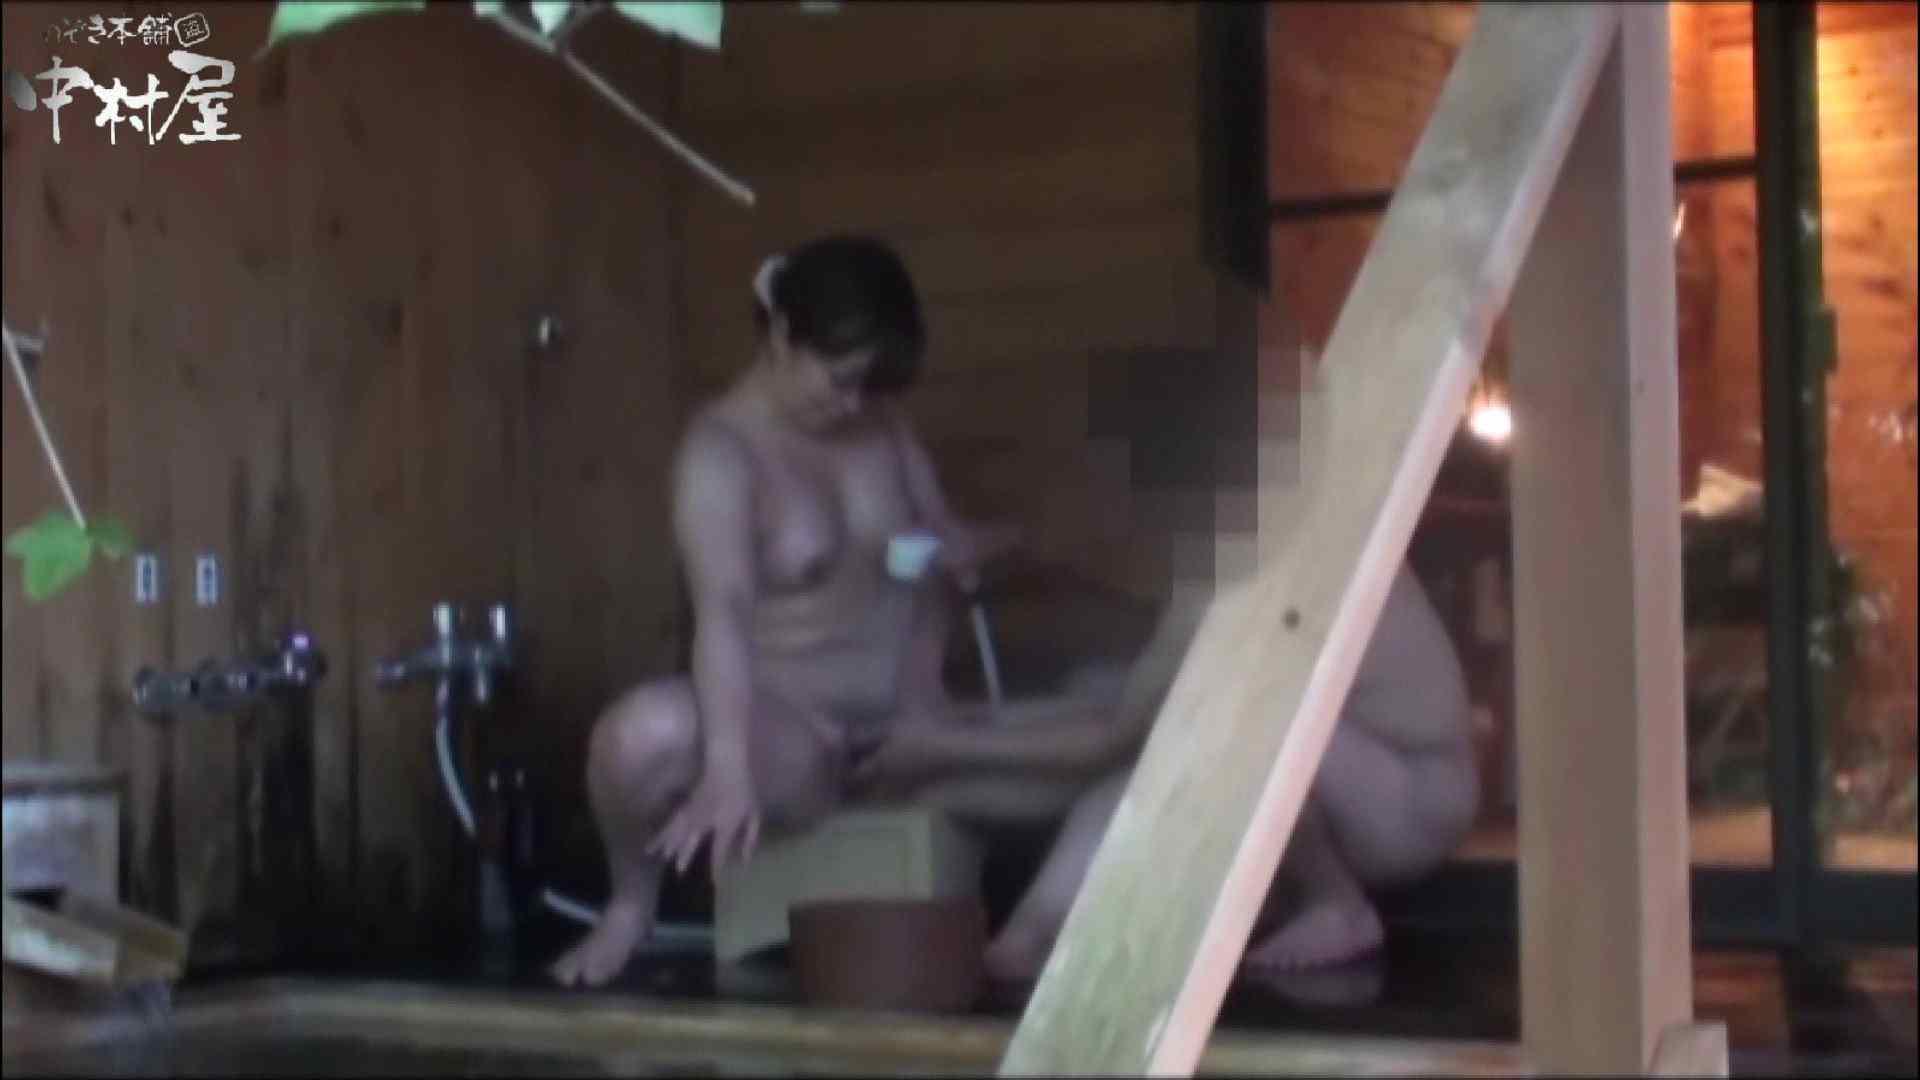 貸切露天 発情カップル! vol.03 露天風呂編 | 丸見え  110PIX 103